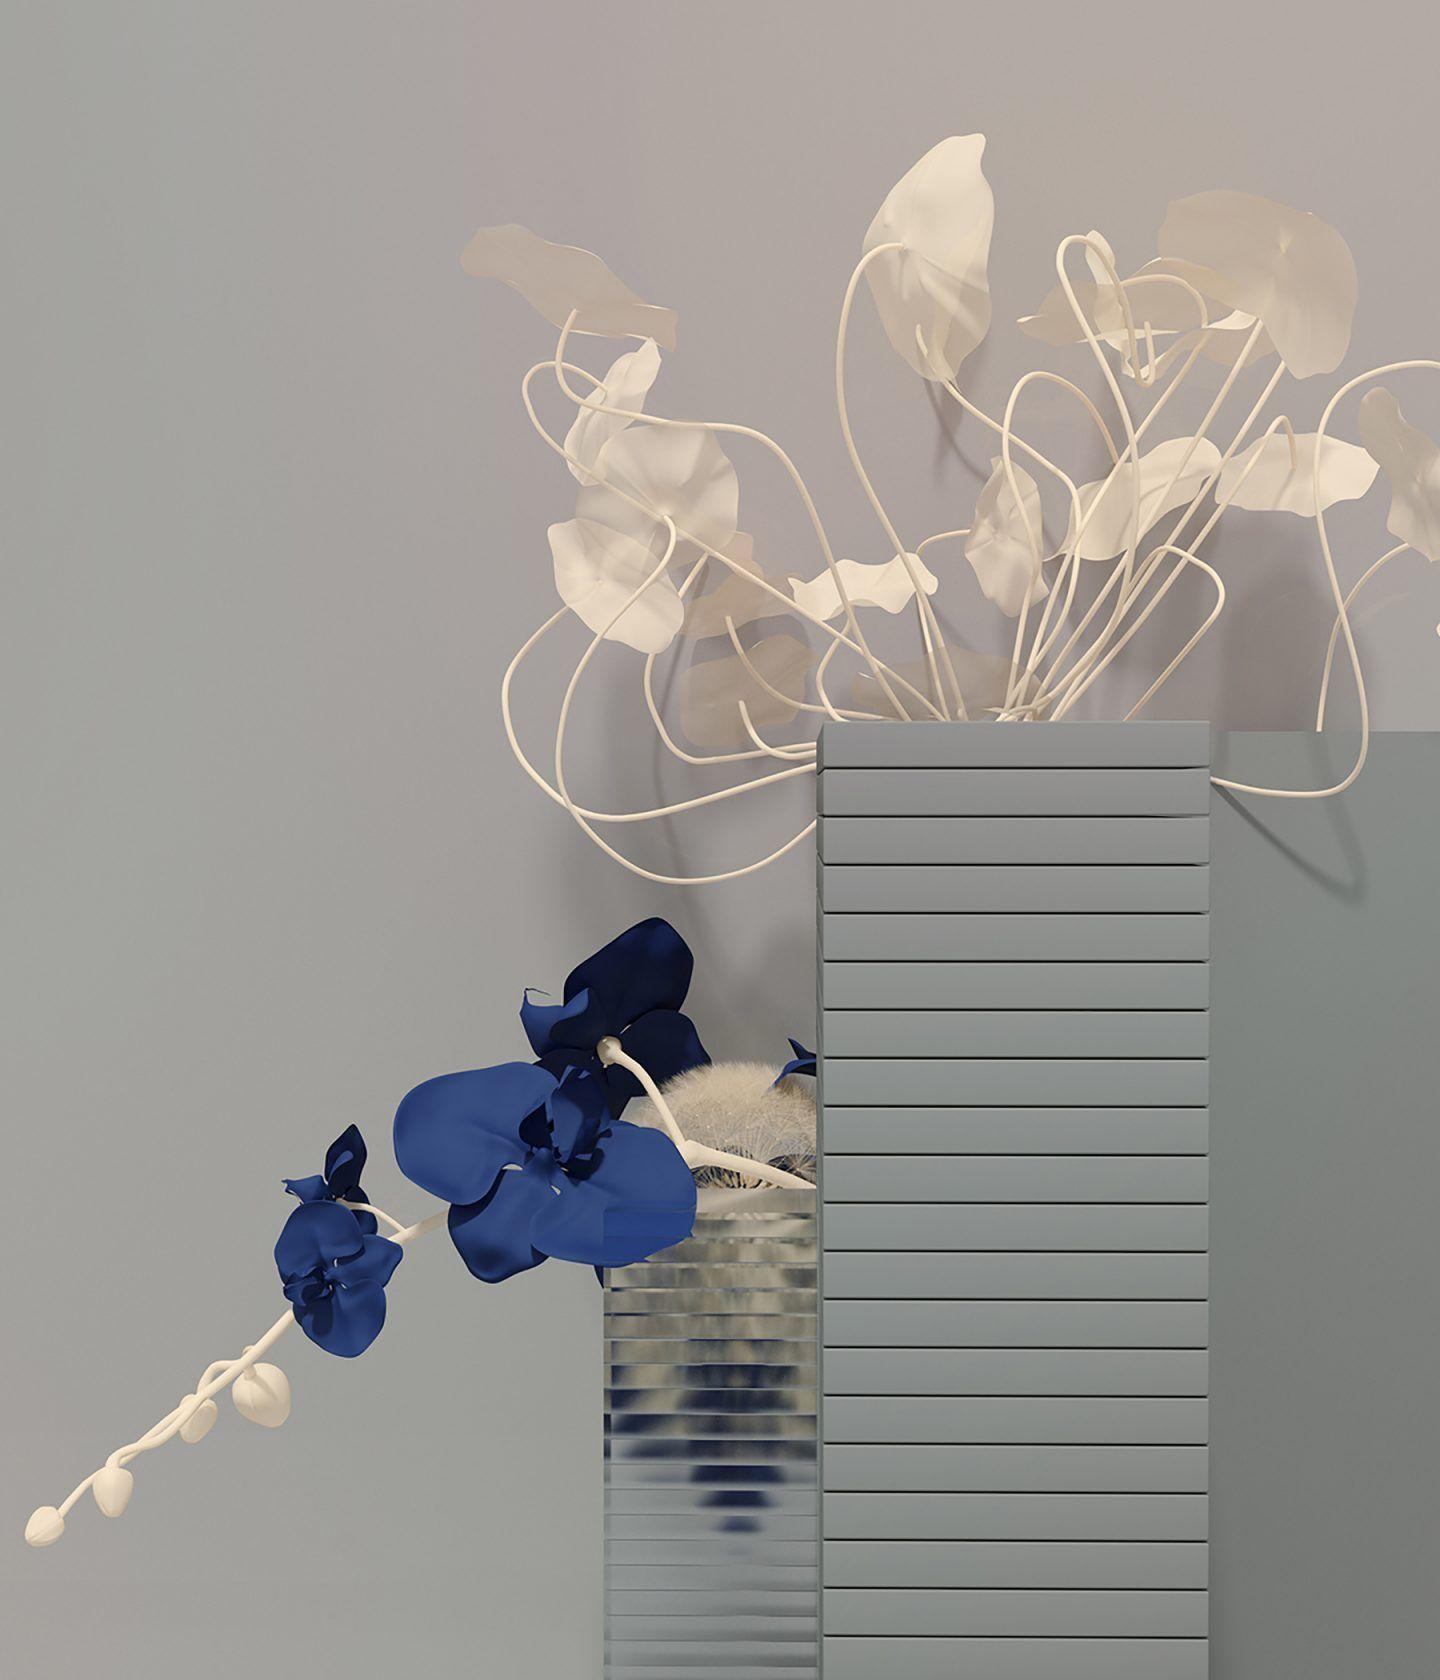 IGNANT-Art-Anders-Brasch-Willumsen-Digibana-2